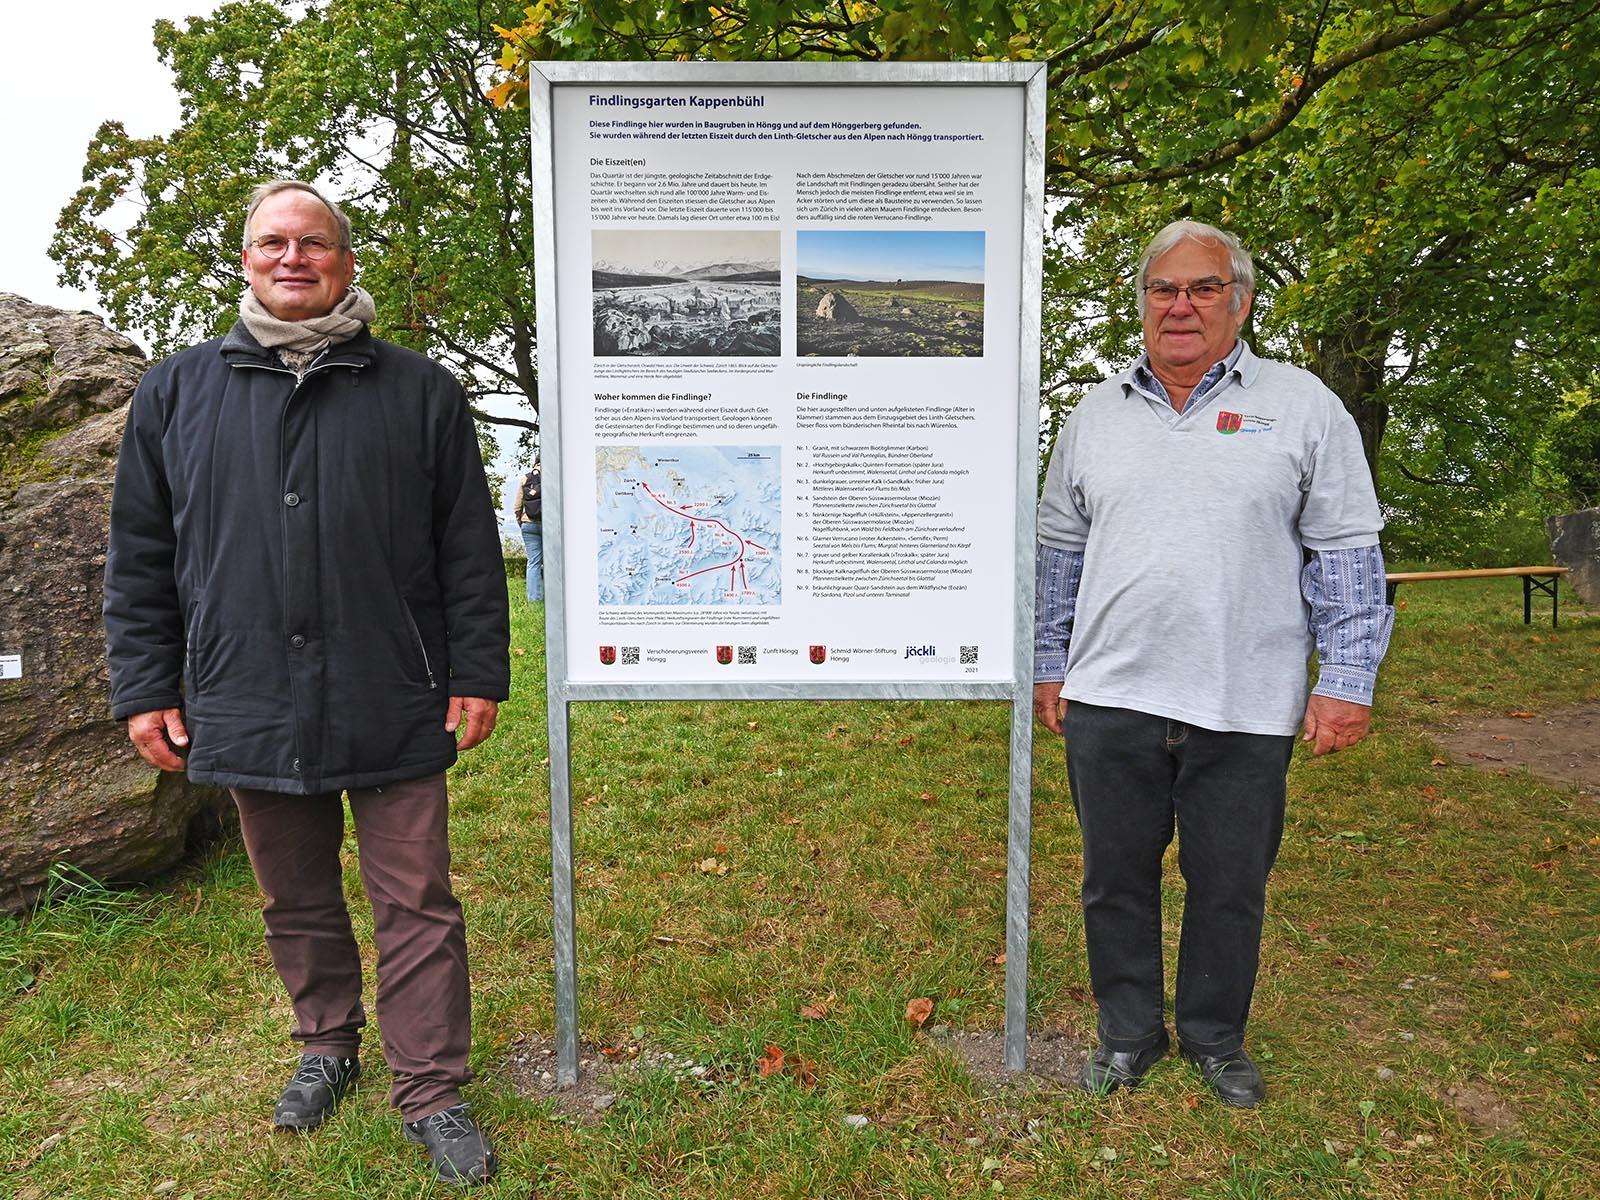 Ruedi Zweifel, Präsident des VVH (links) und Vorsteher Hansruedi Frehner präsentieren stolz die neue Informationstafel.